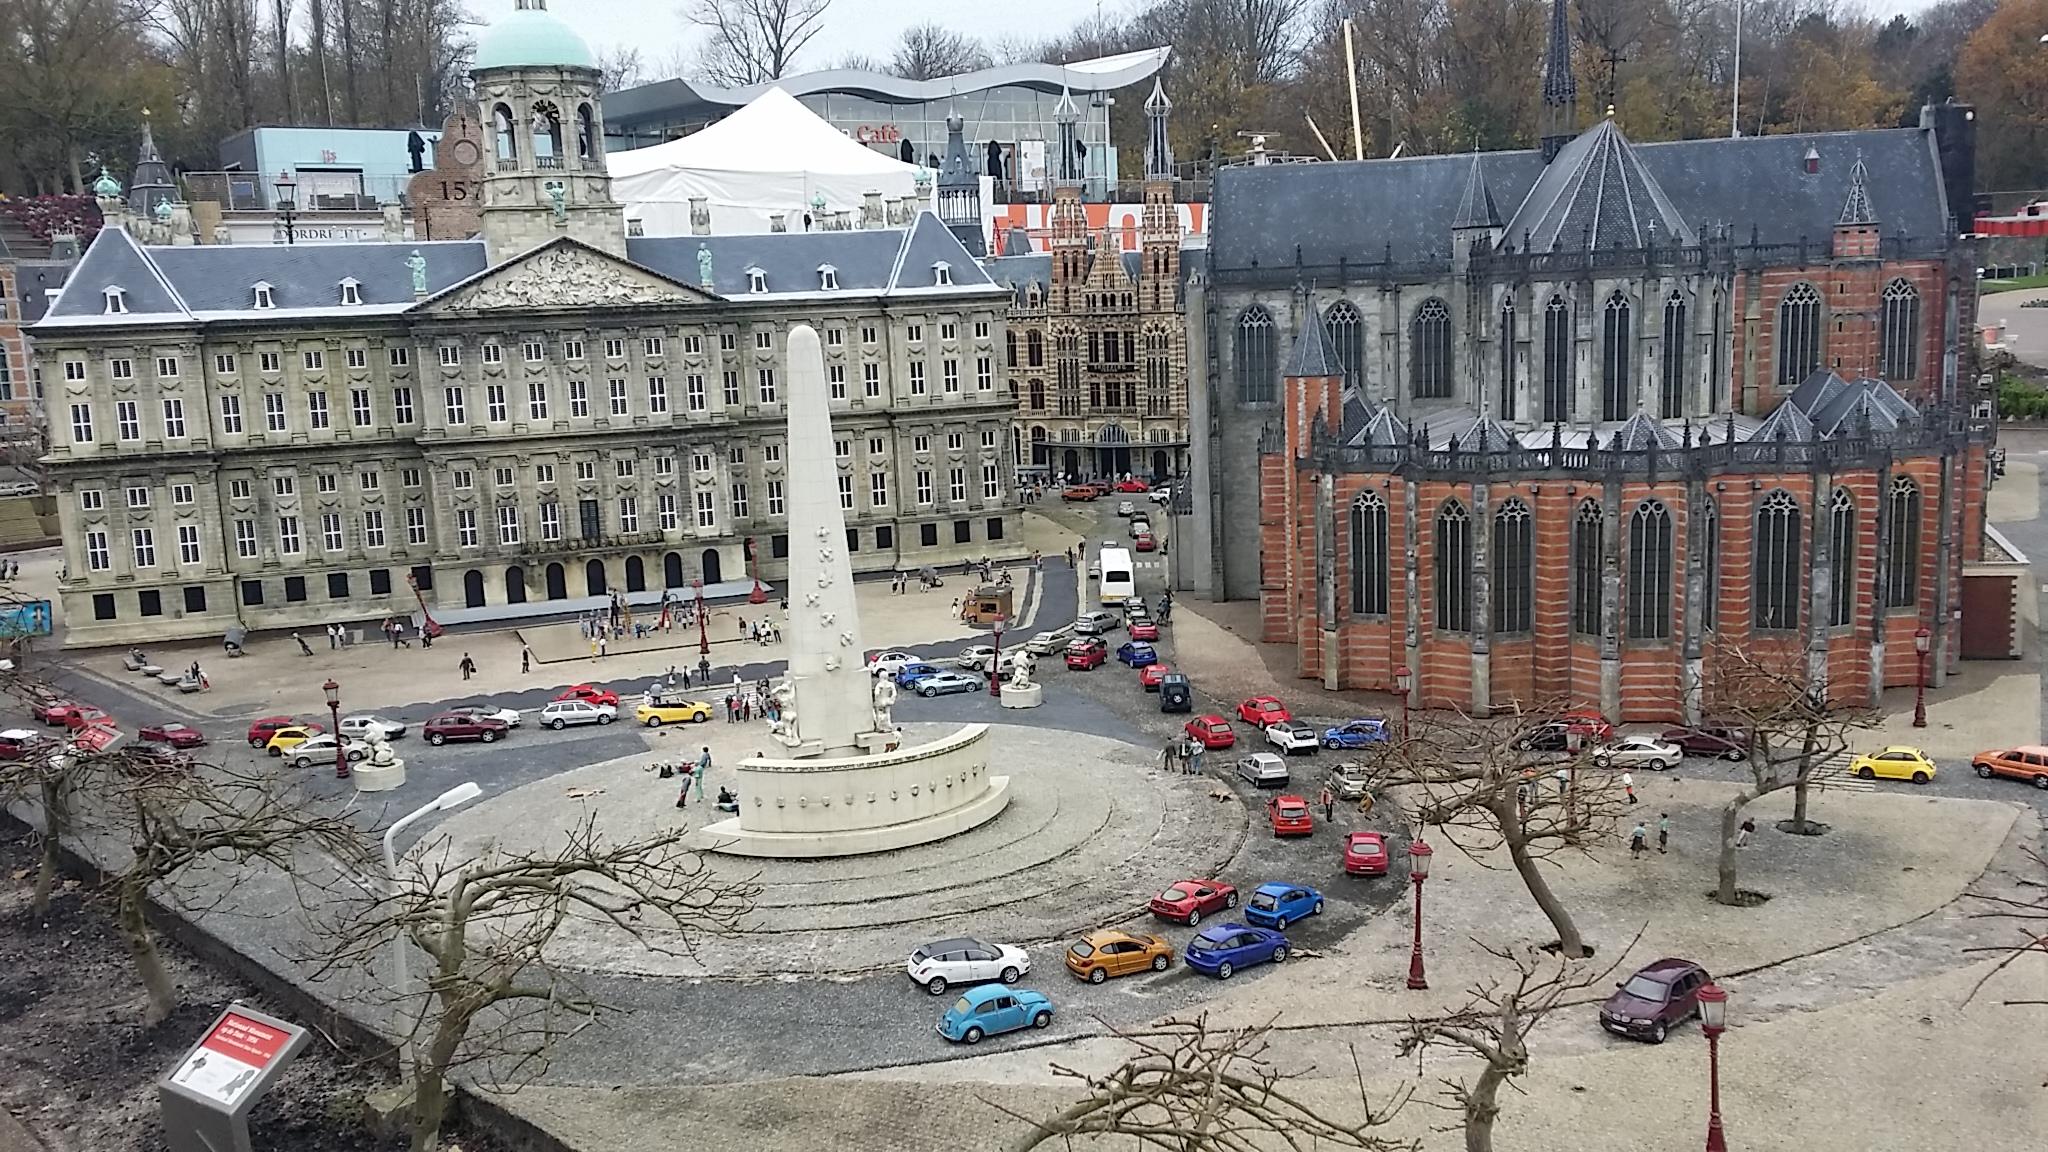 City Tour Amsterdam, De Dam, Royal Palace, Burung Dara, Damrak, Bijenkorf